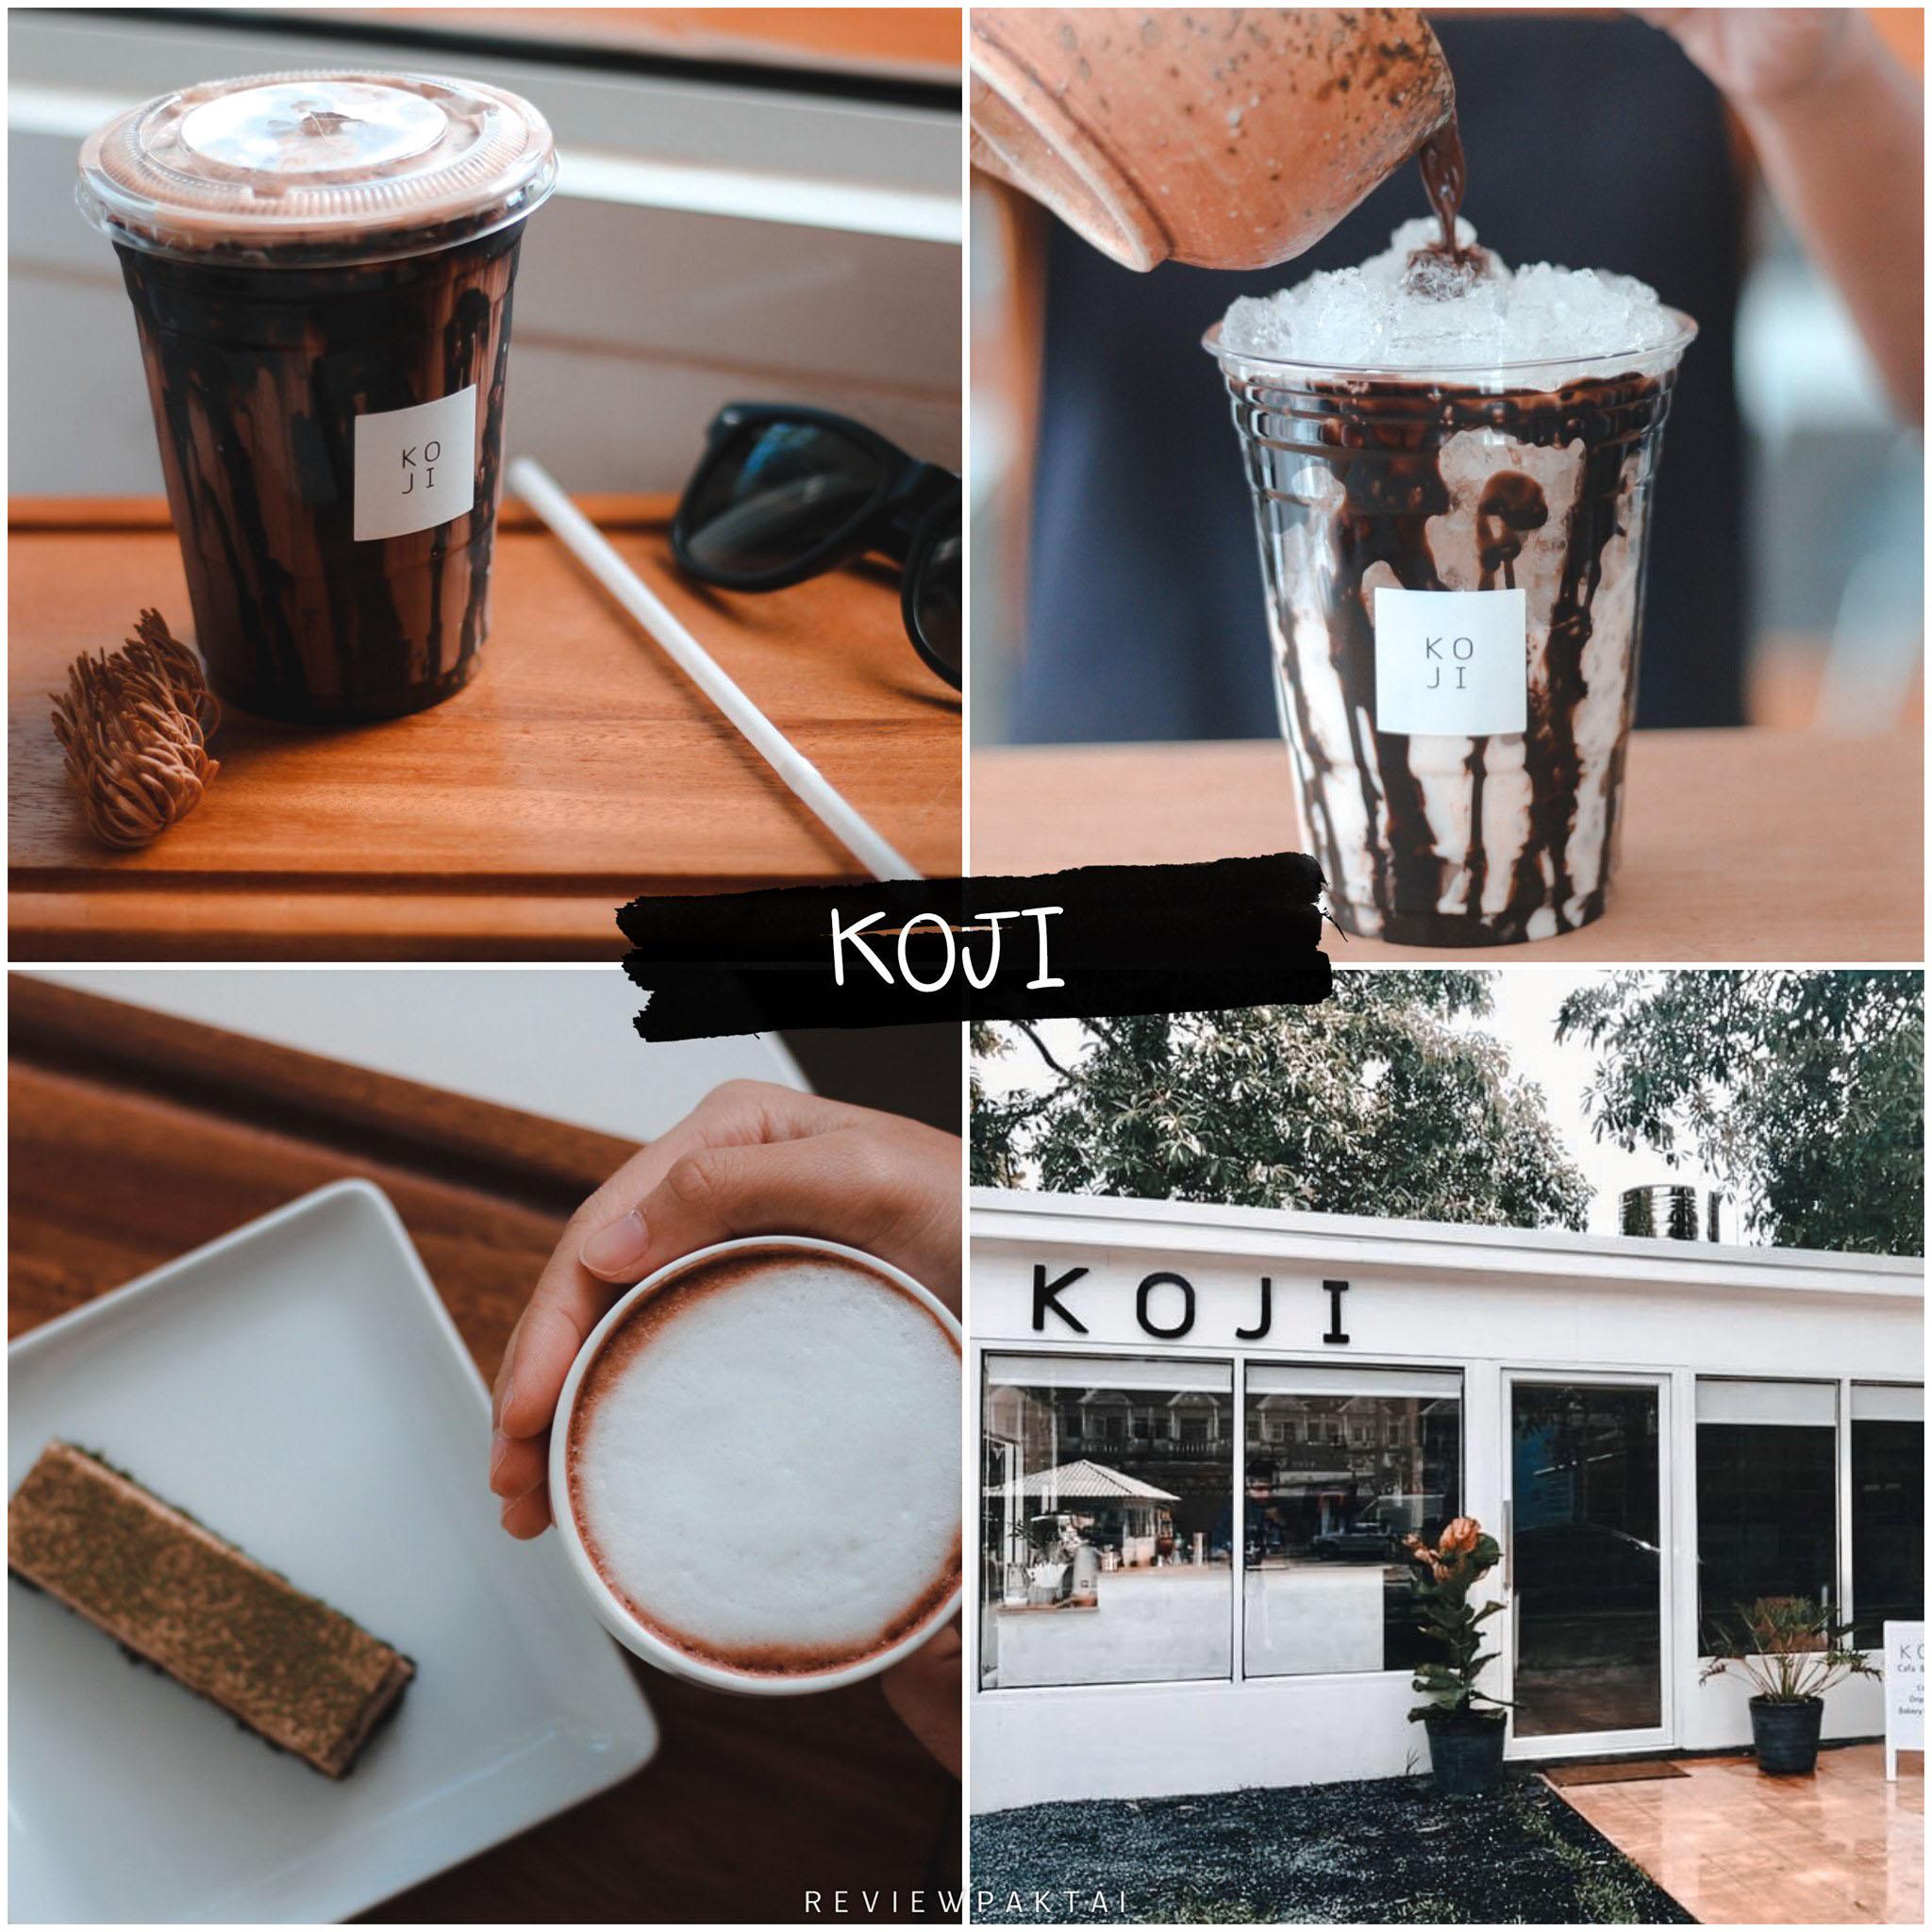 จุดปักหมุดเช็คอิน ต้องร้าน koji cafe&dessert ทั้งชา กาแฟ และของหวานอร่อยๆให้เลือกชิม บรรยากาศร้านพนักงานเป็นกันเอง